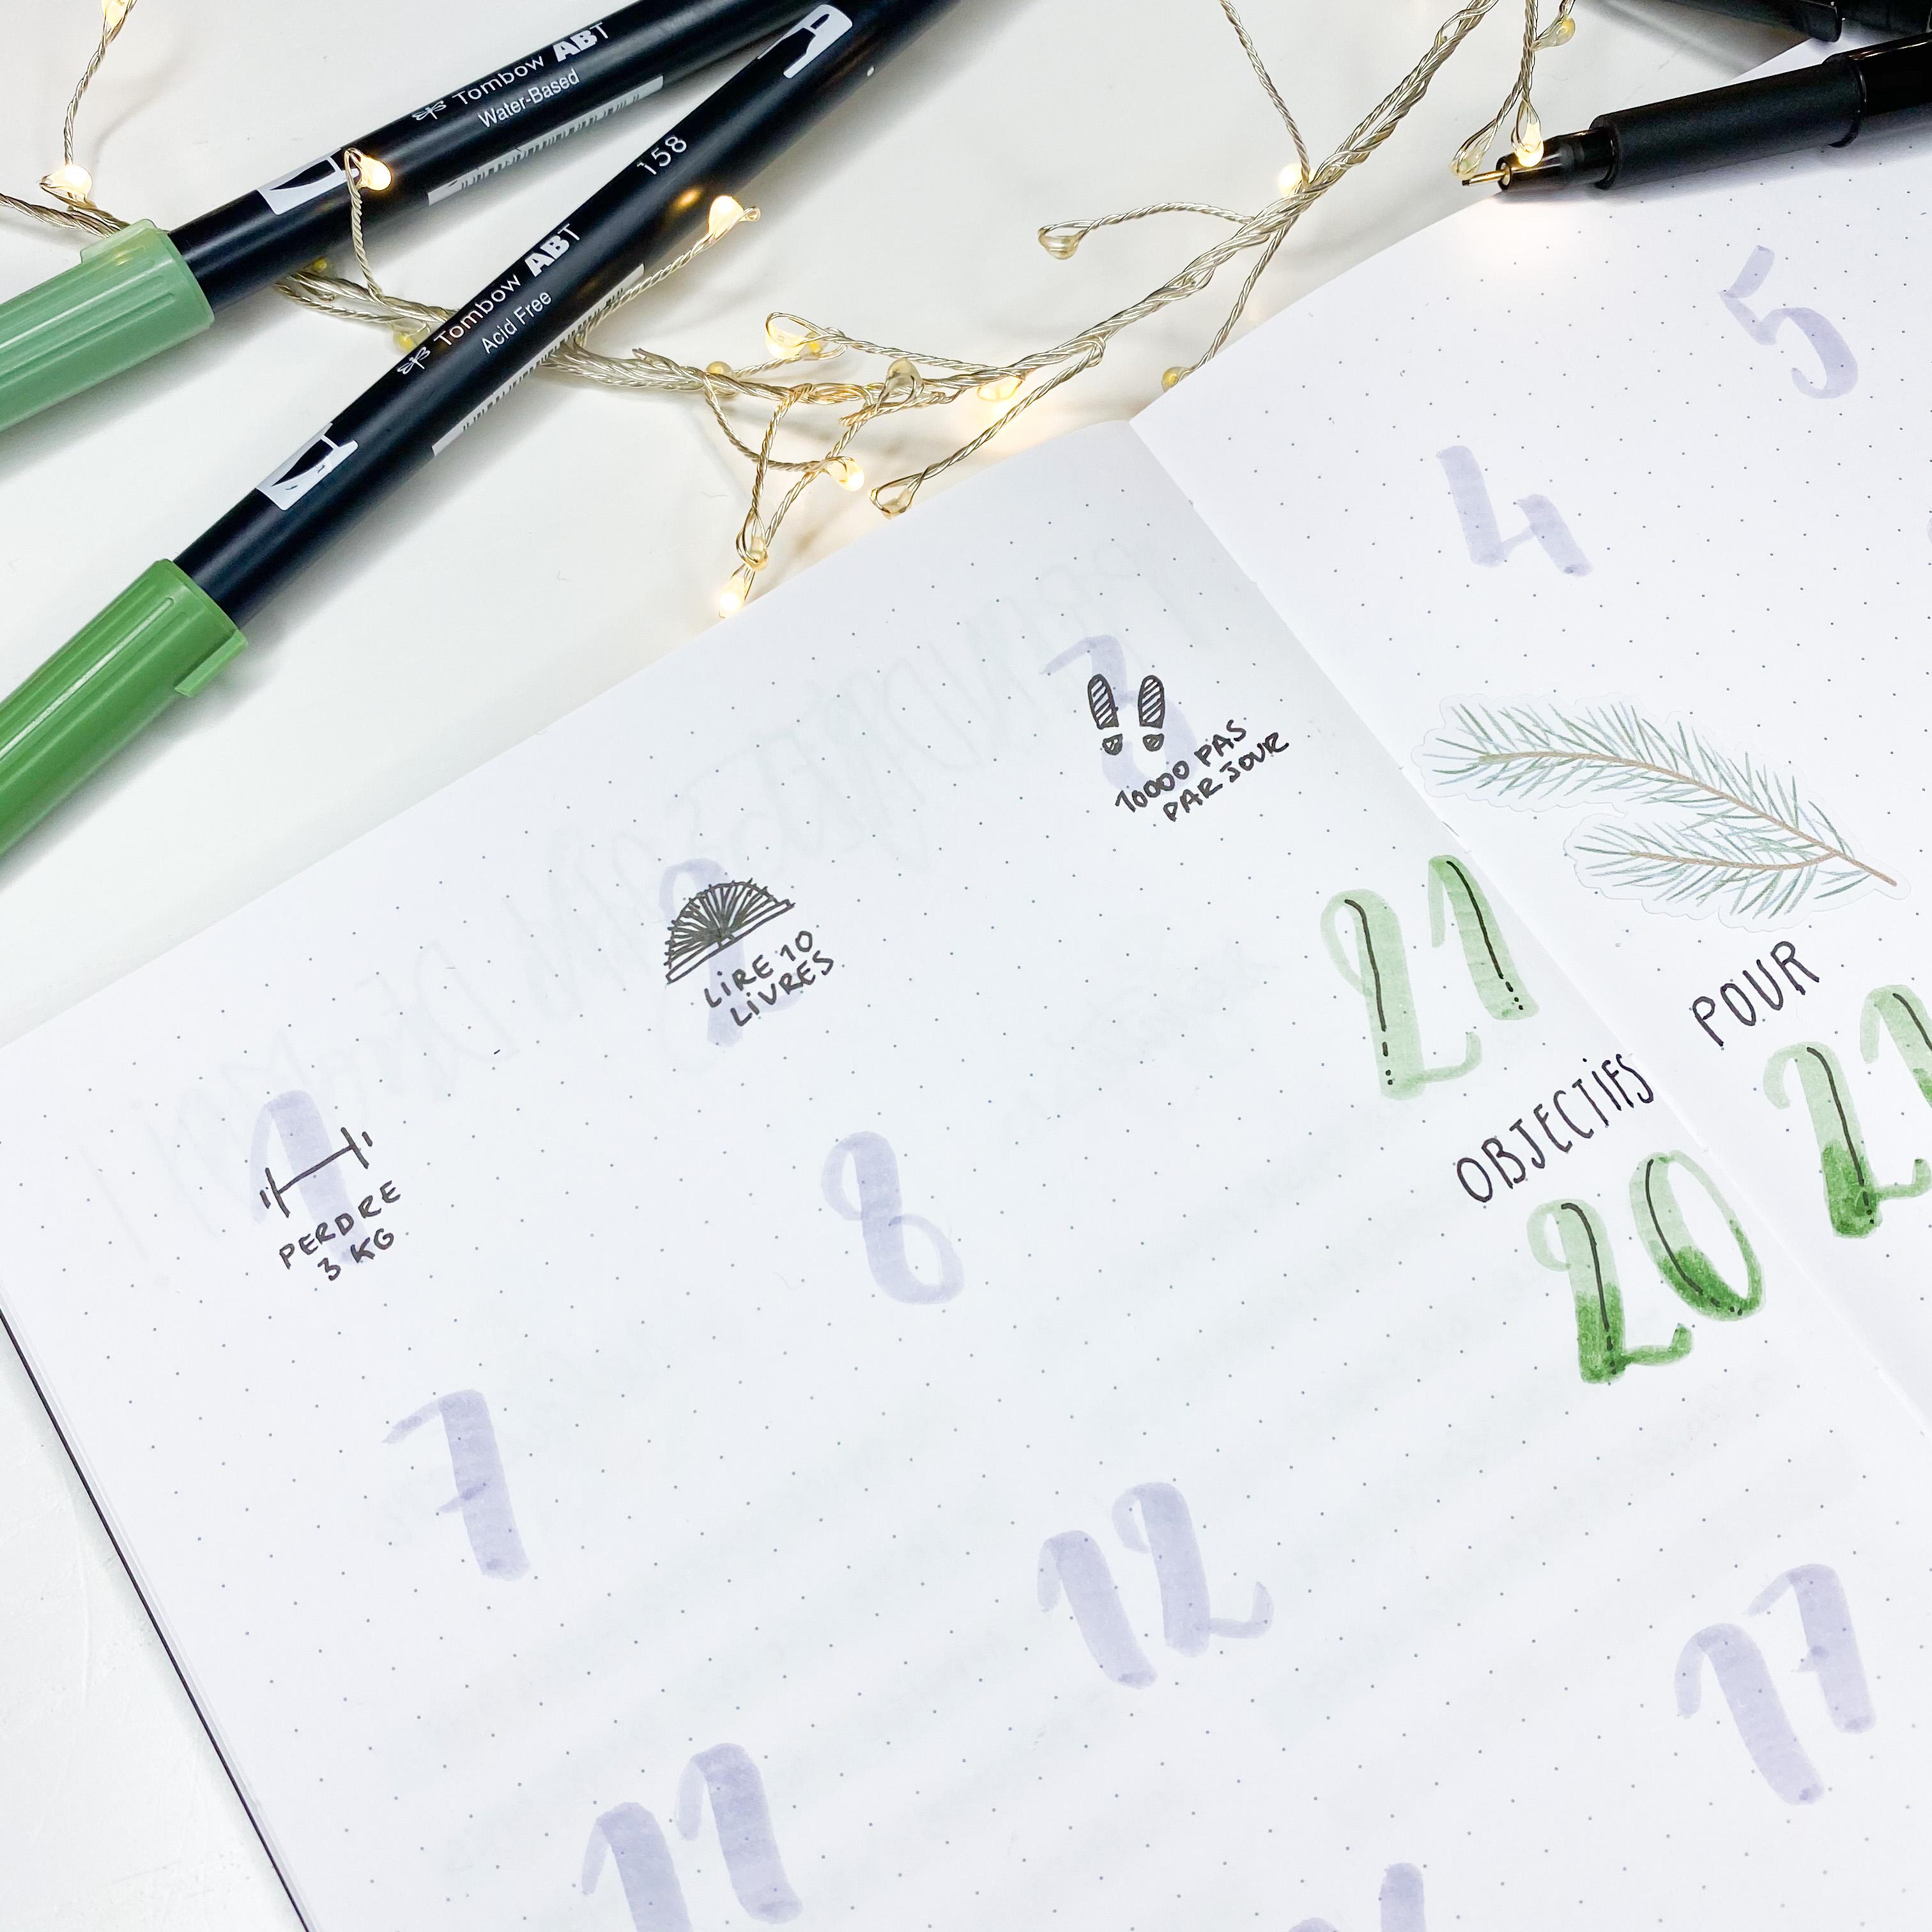 Doodles objectifs 2021 sur Bullet Journal Quo Vadis Auly's Studio